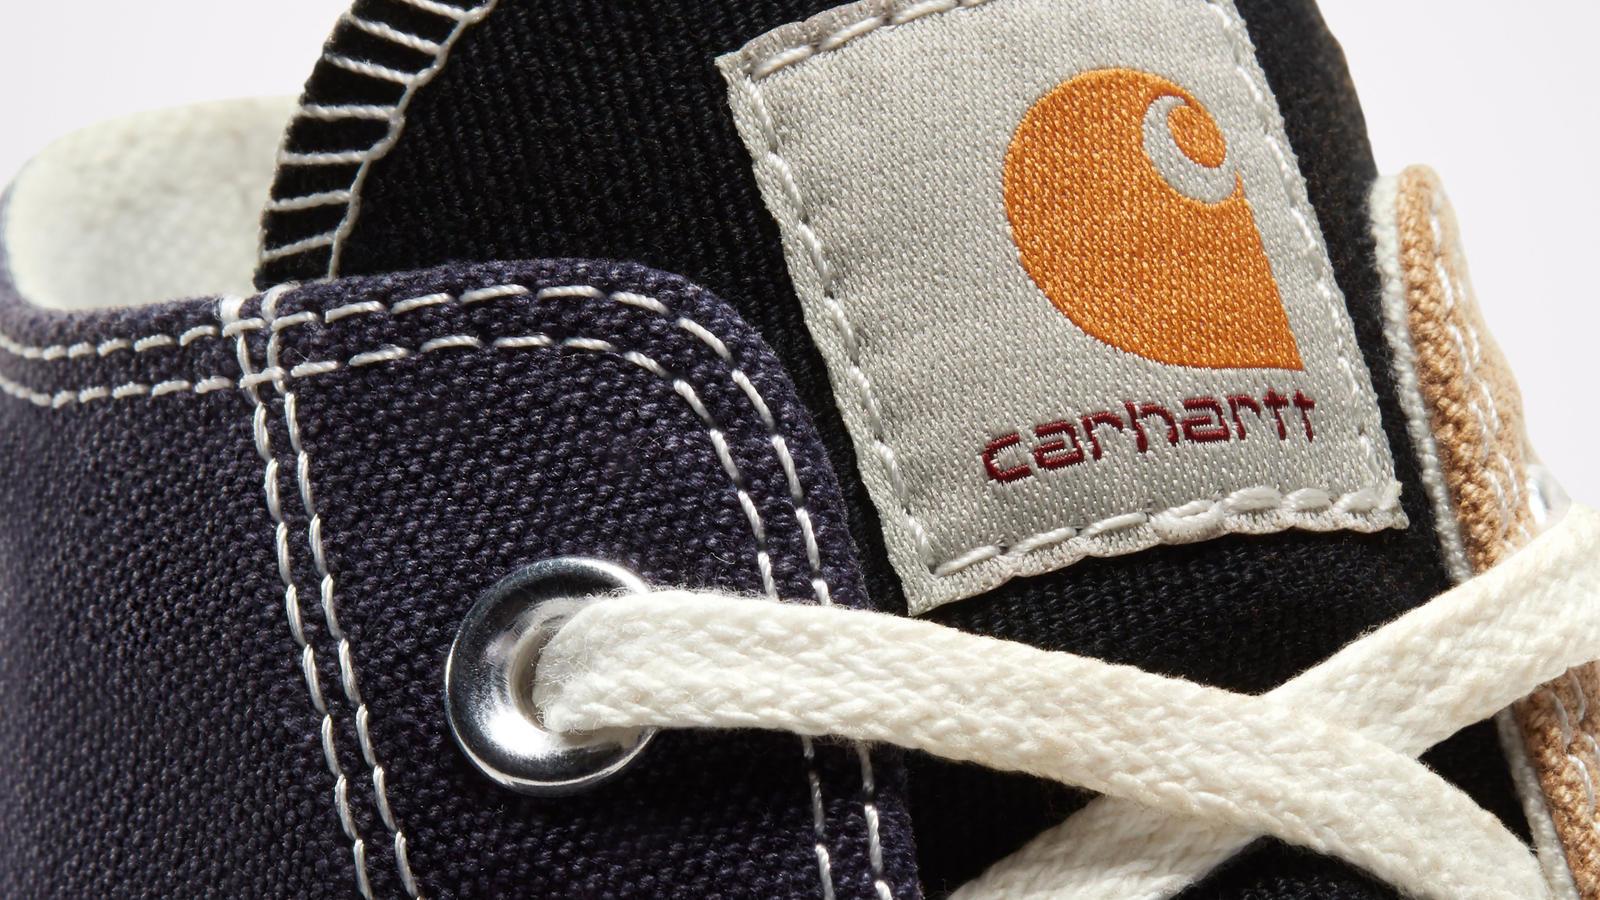 Converse x Carhartt WIP RenewChuck 70 1